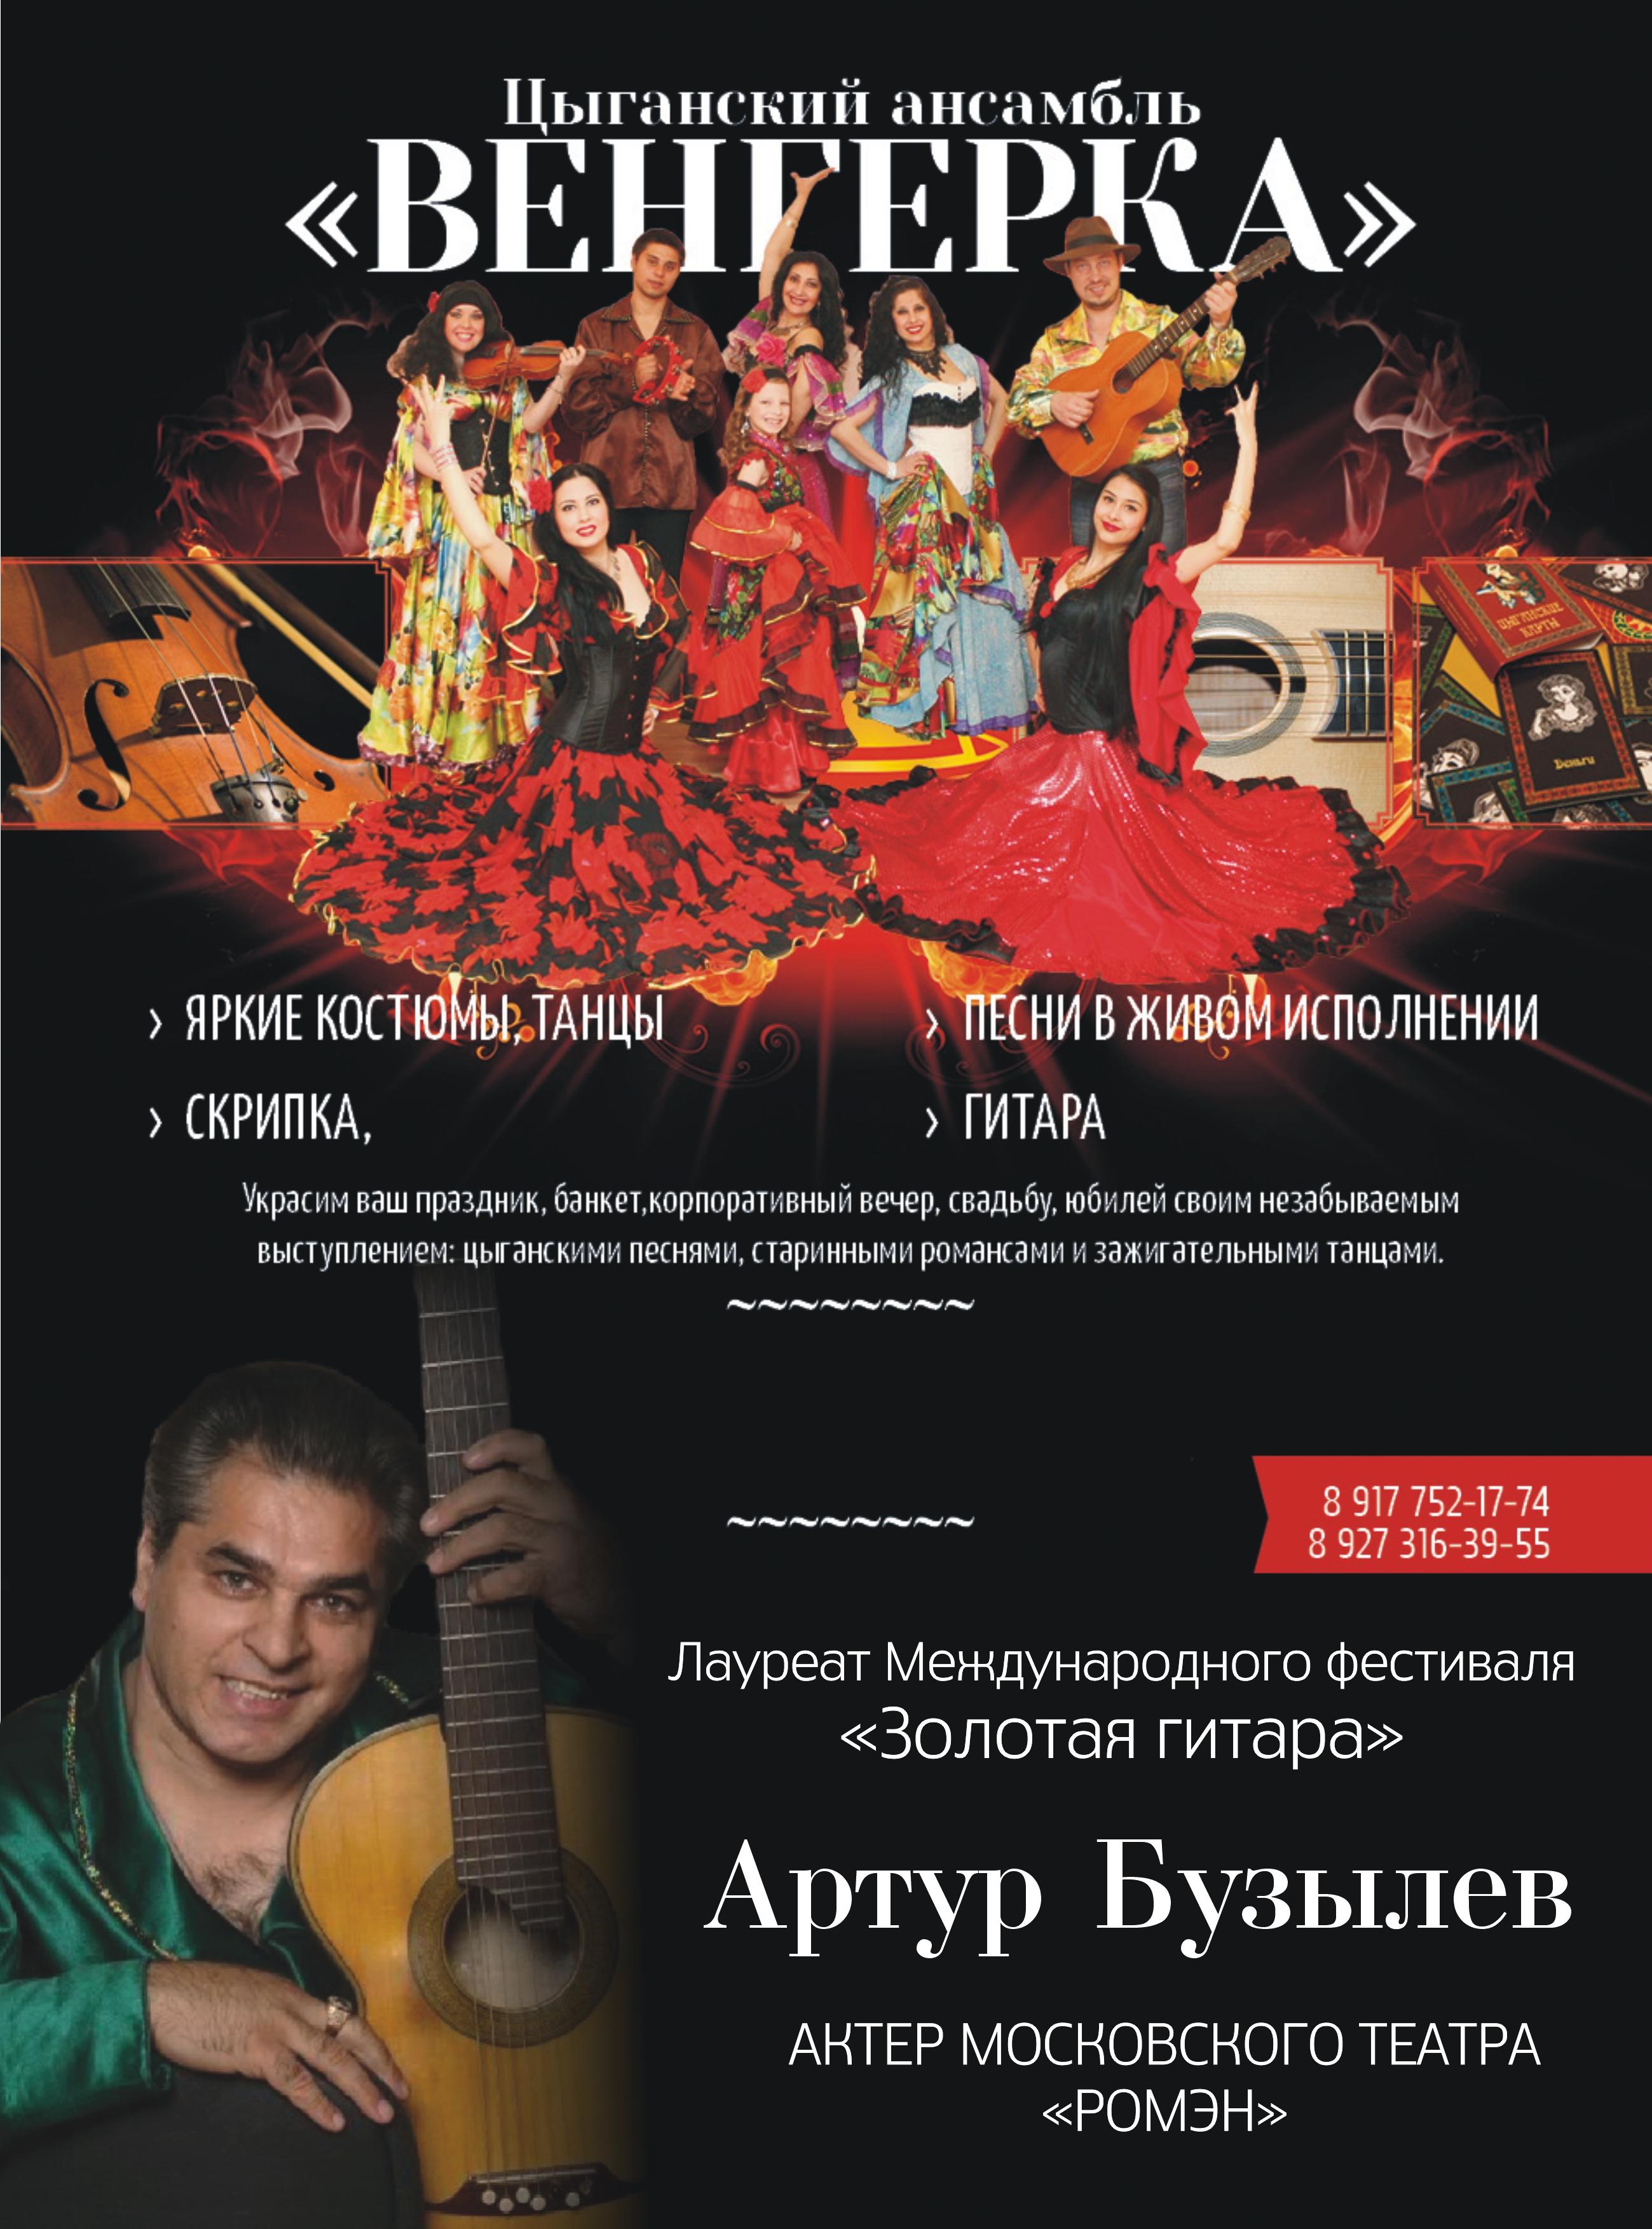 Цыганский ансамбль«Венгерка» в Уфе